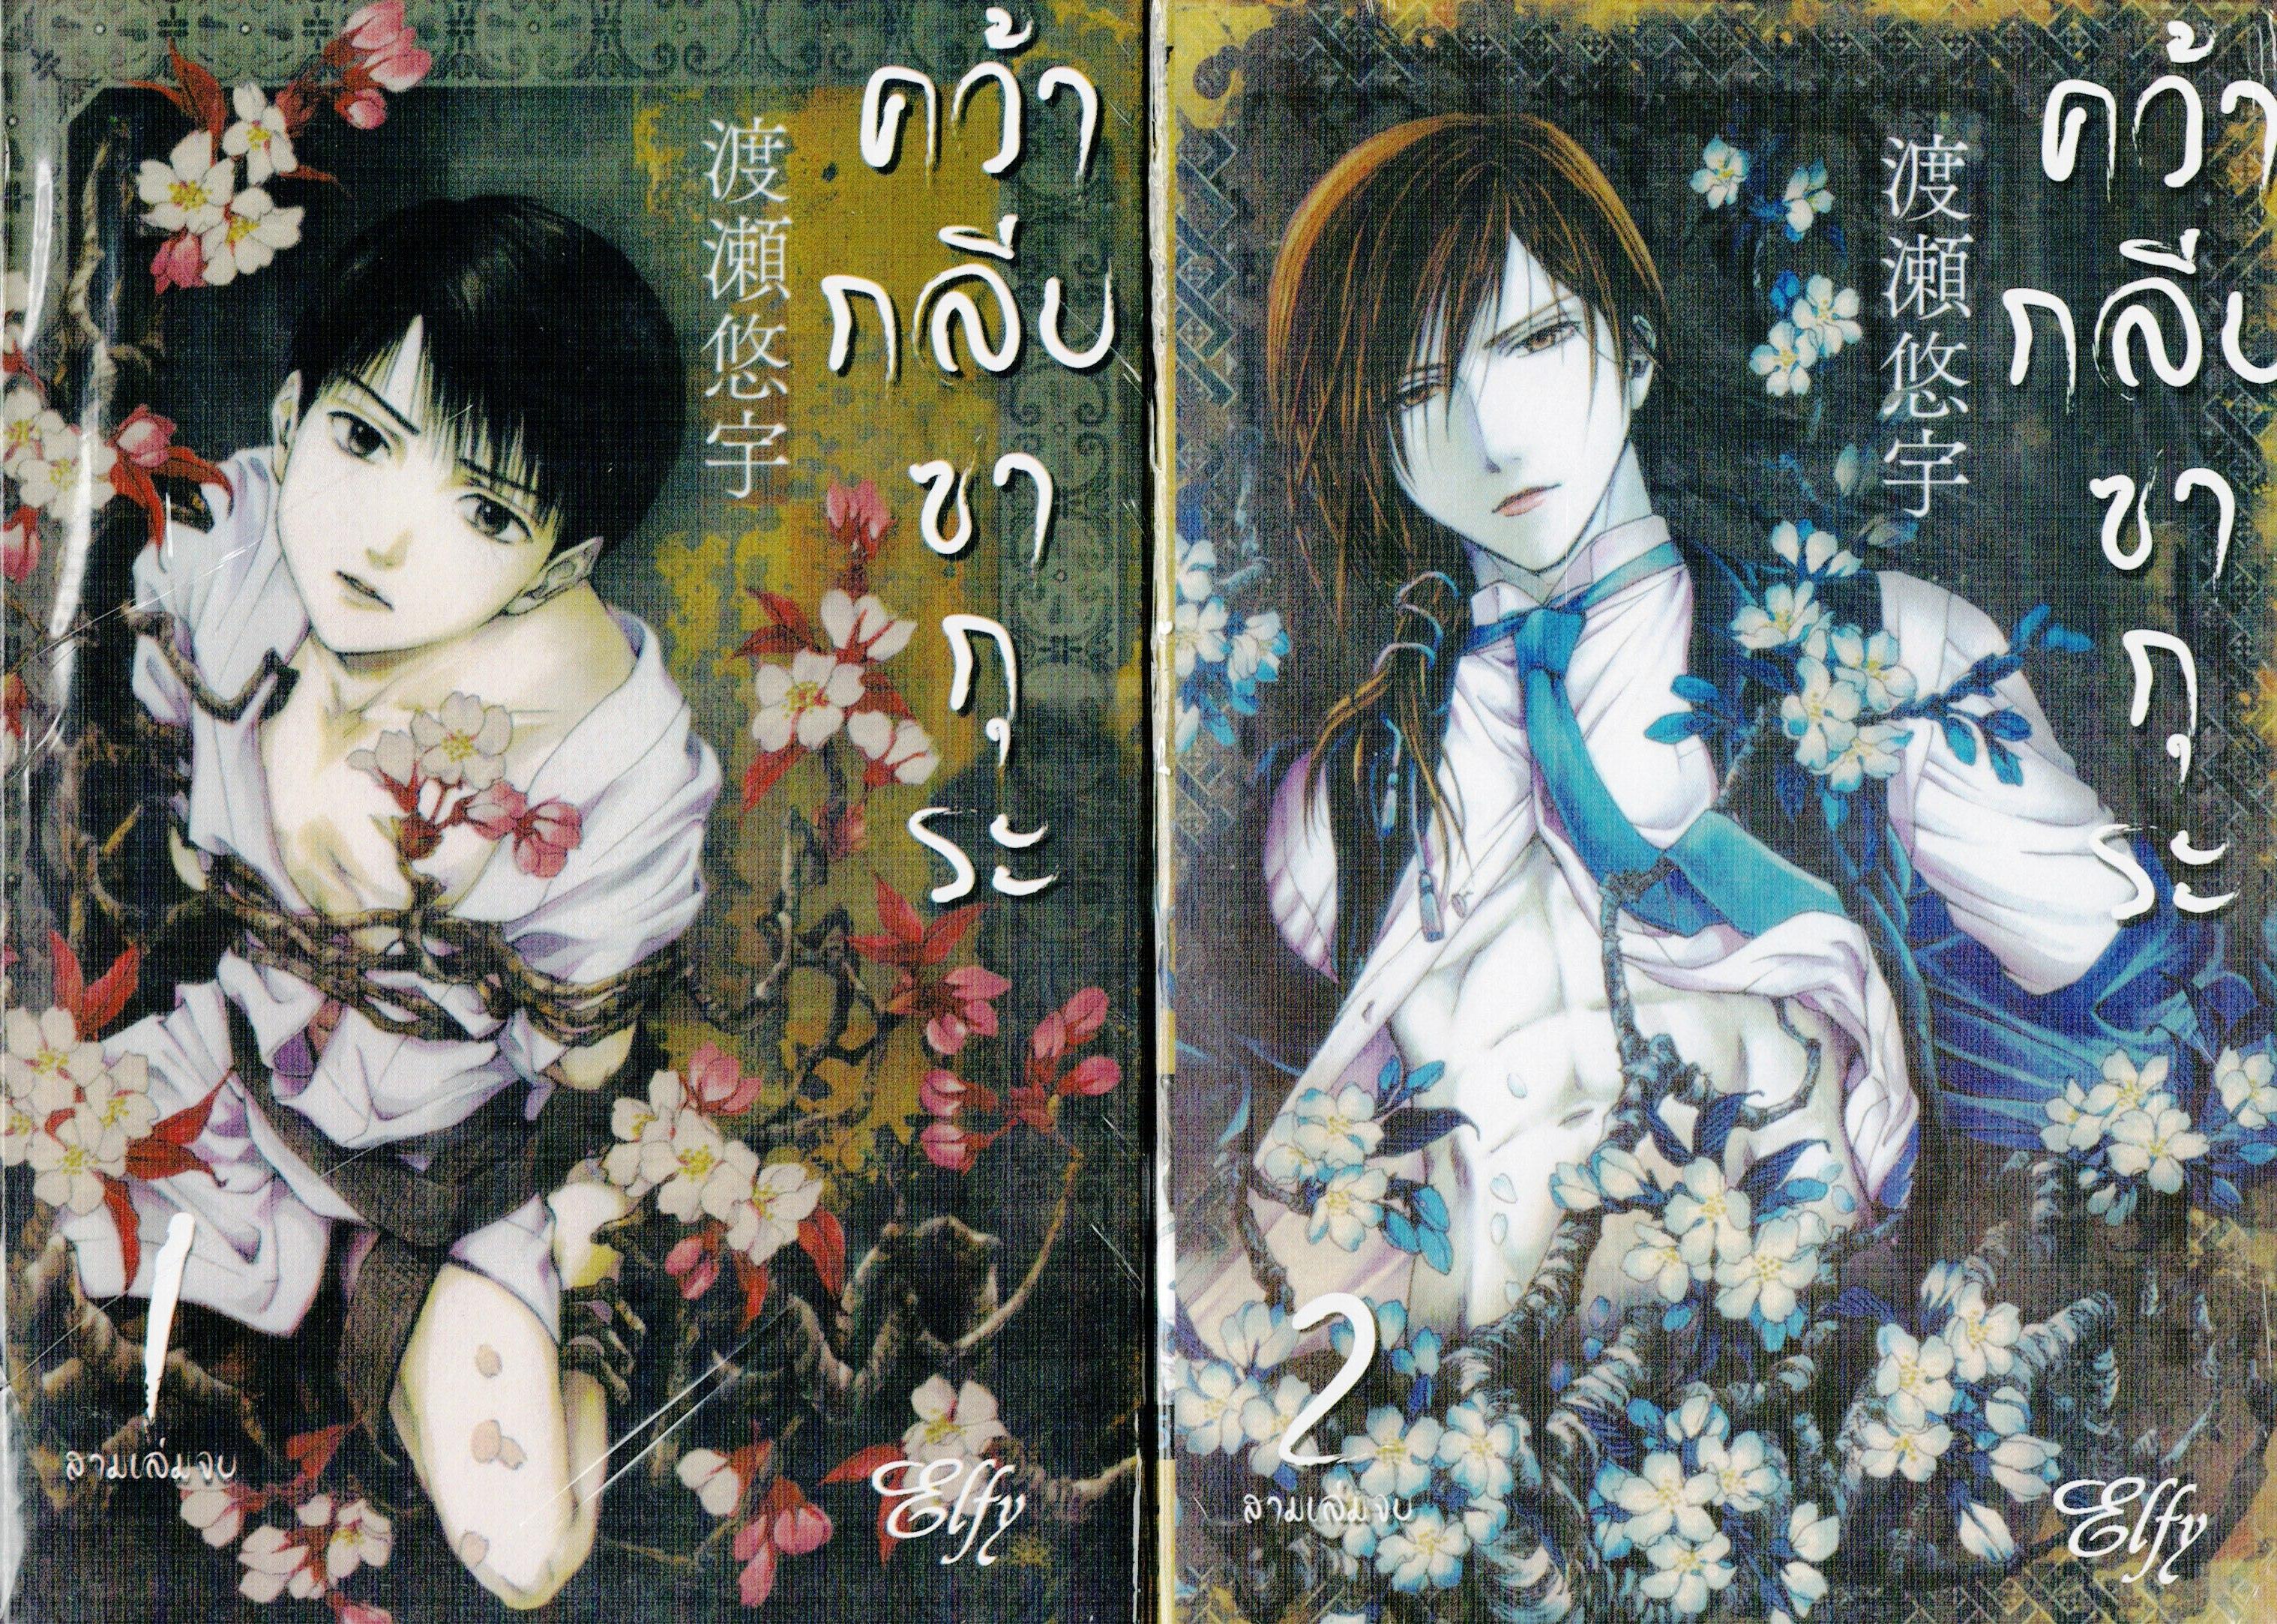 คว้ากลีบซากุระSakura-Gari 3 เล่มจบ : WATASE Yuu